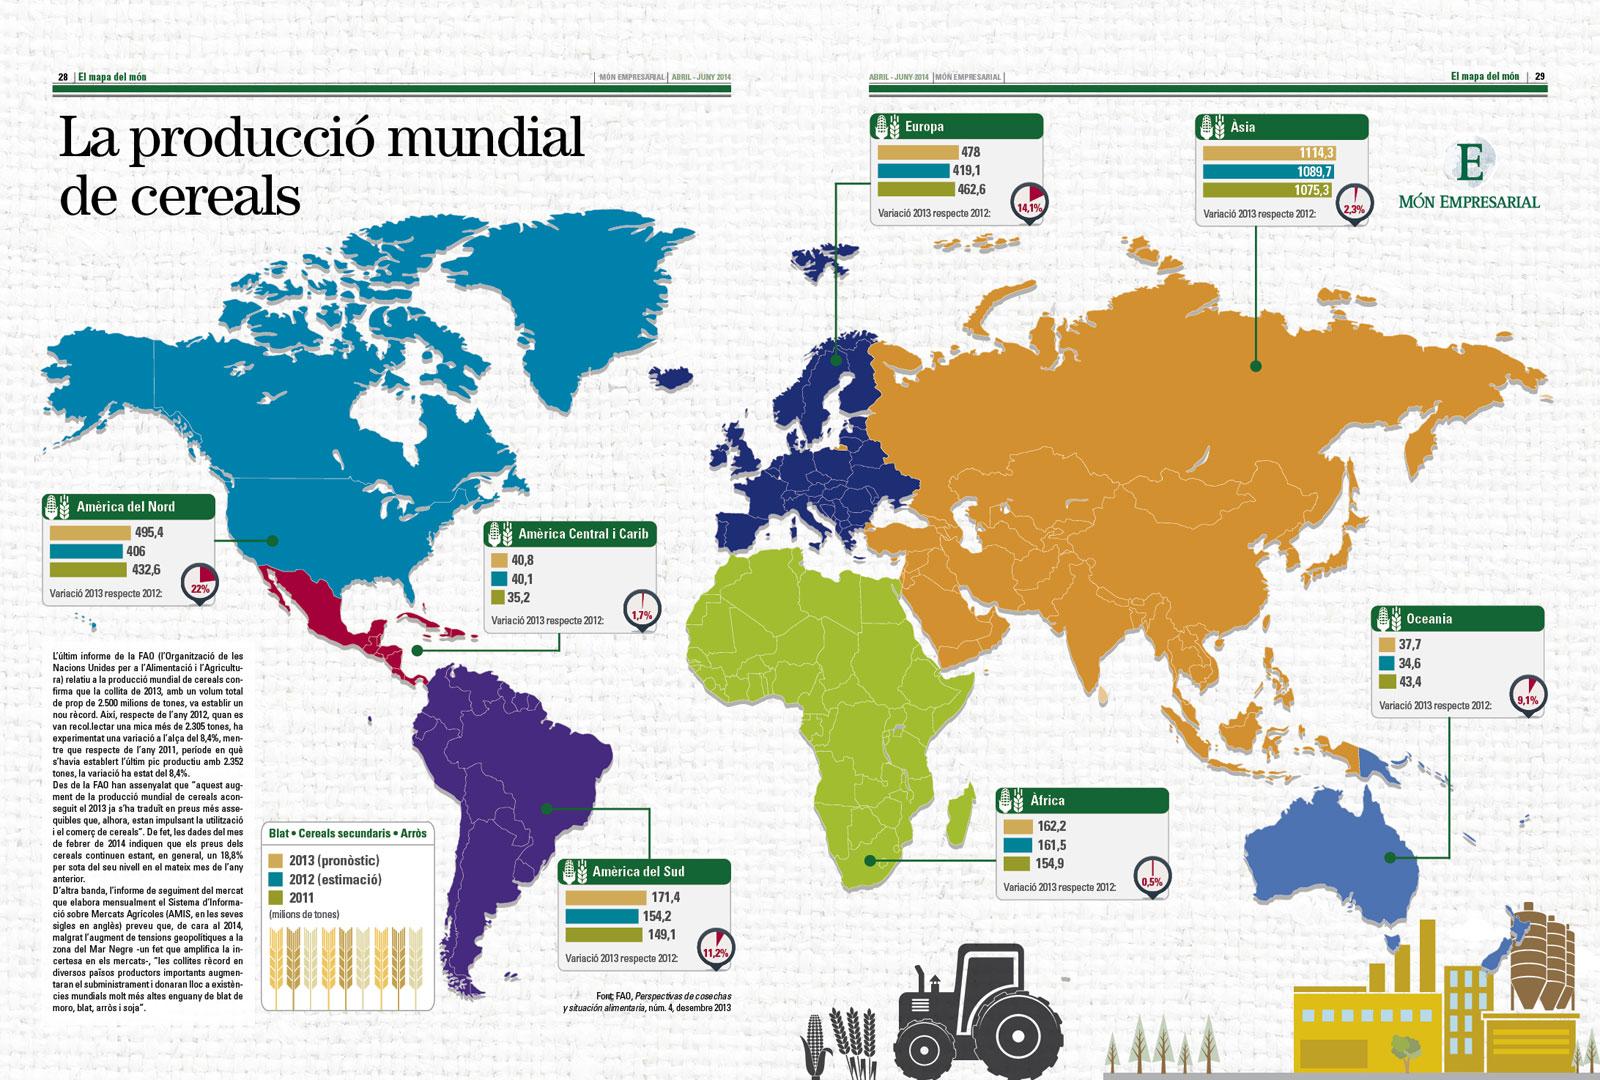 La producció mundial de cereals